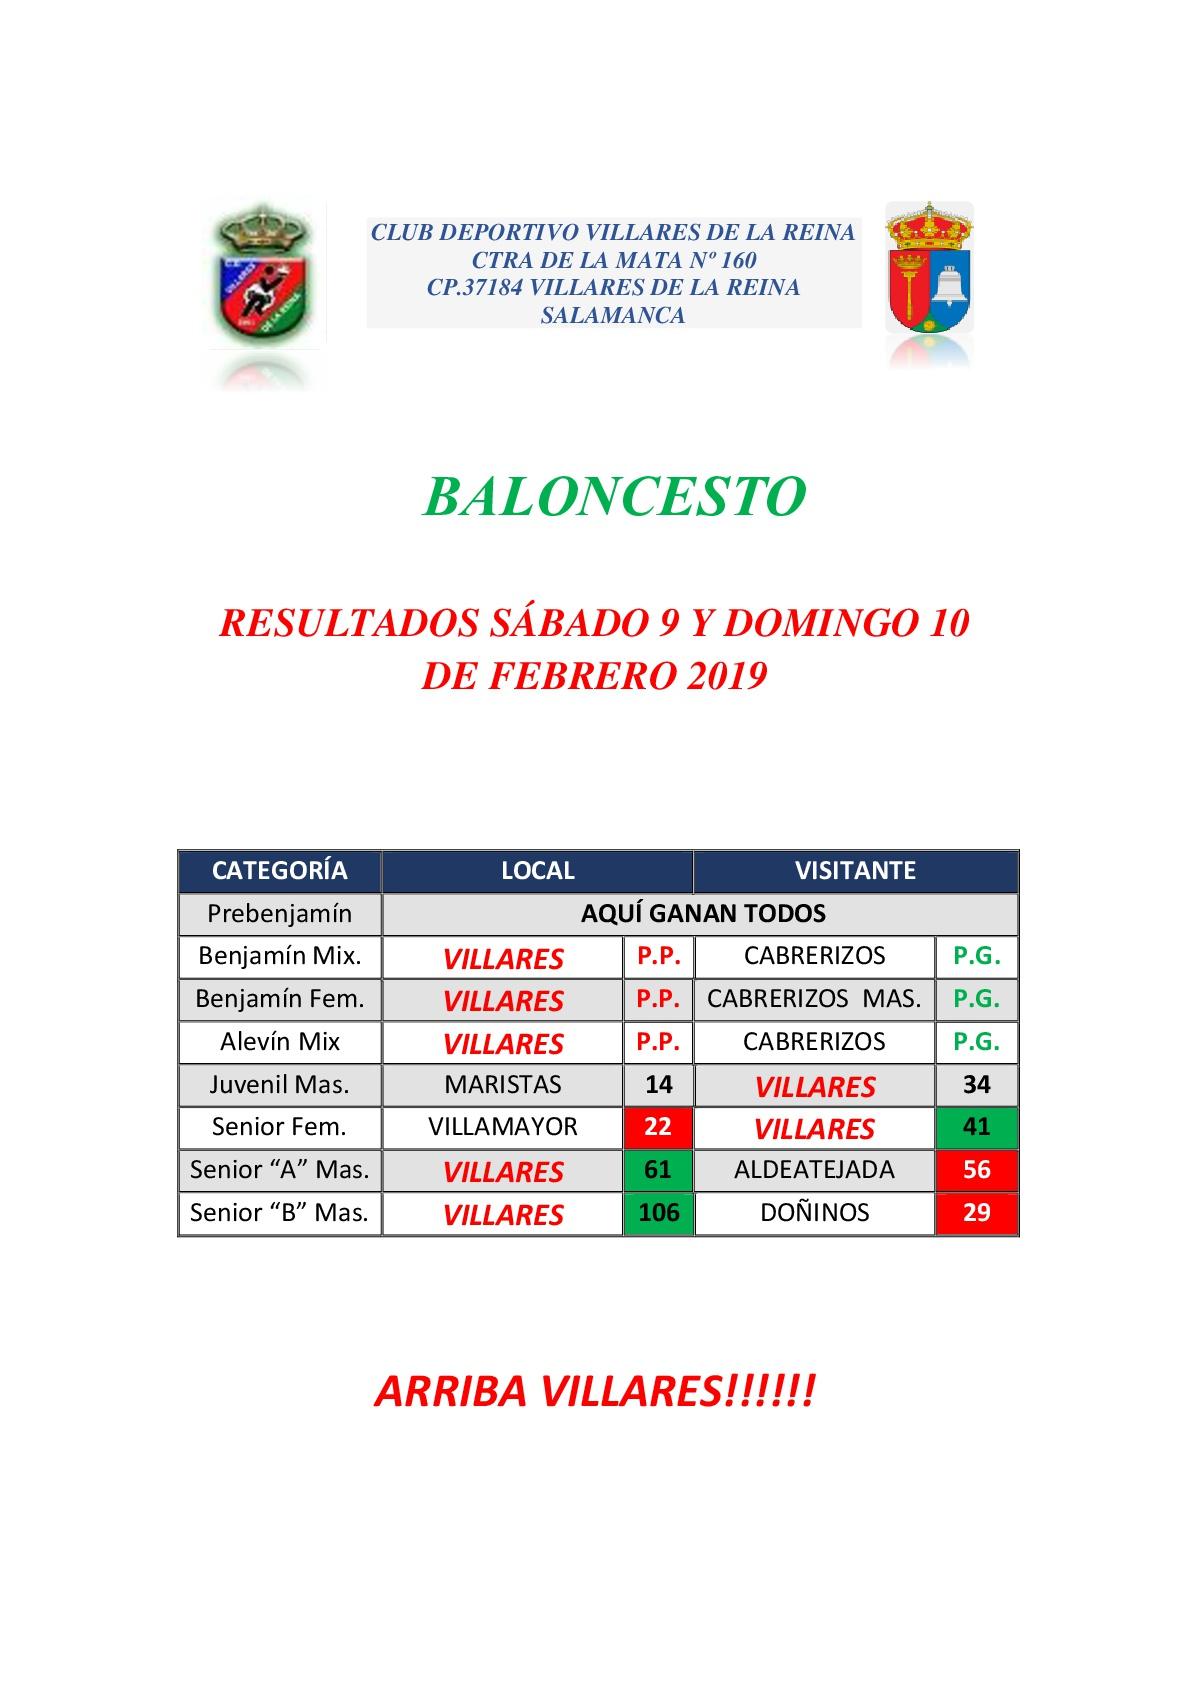 RESULTADOS BALONCESTO SÁBADO 9 Y DOMINGO 10 DE FEBRERO